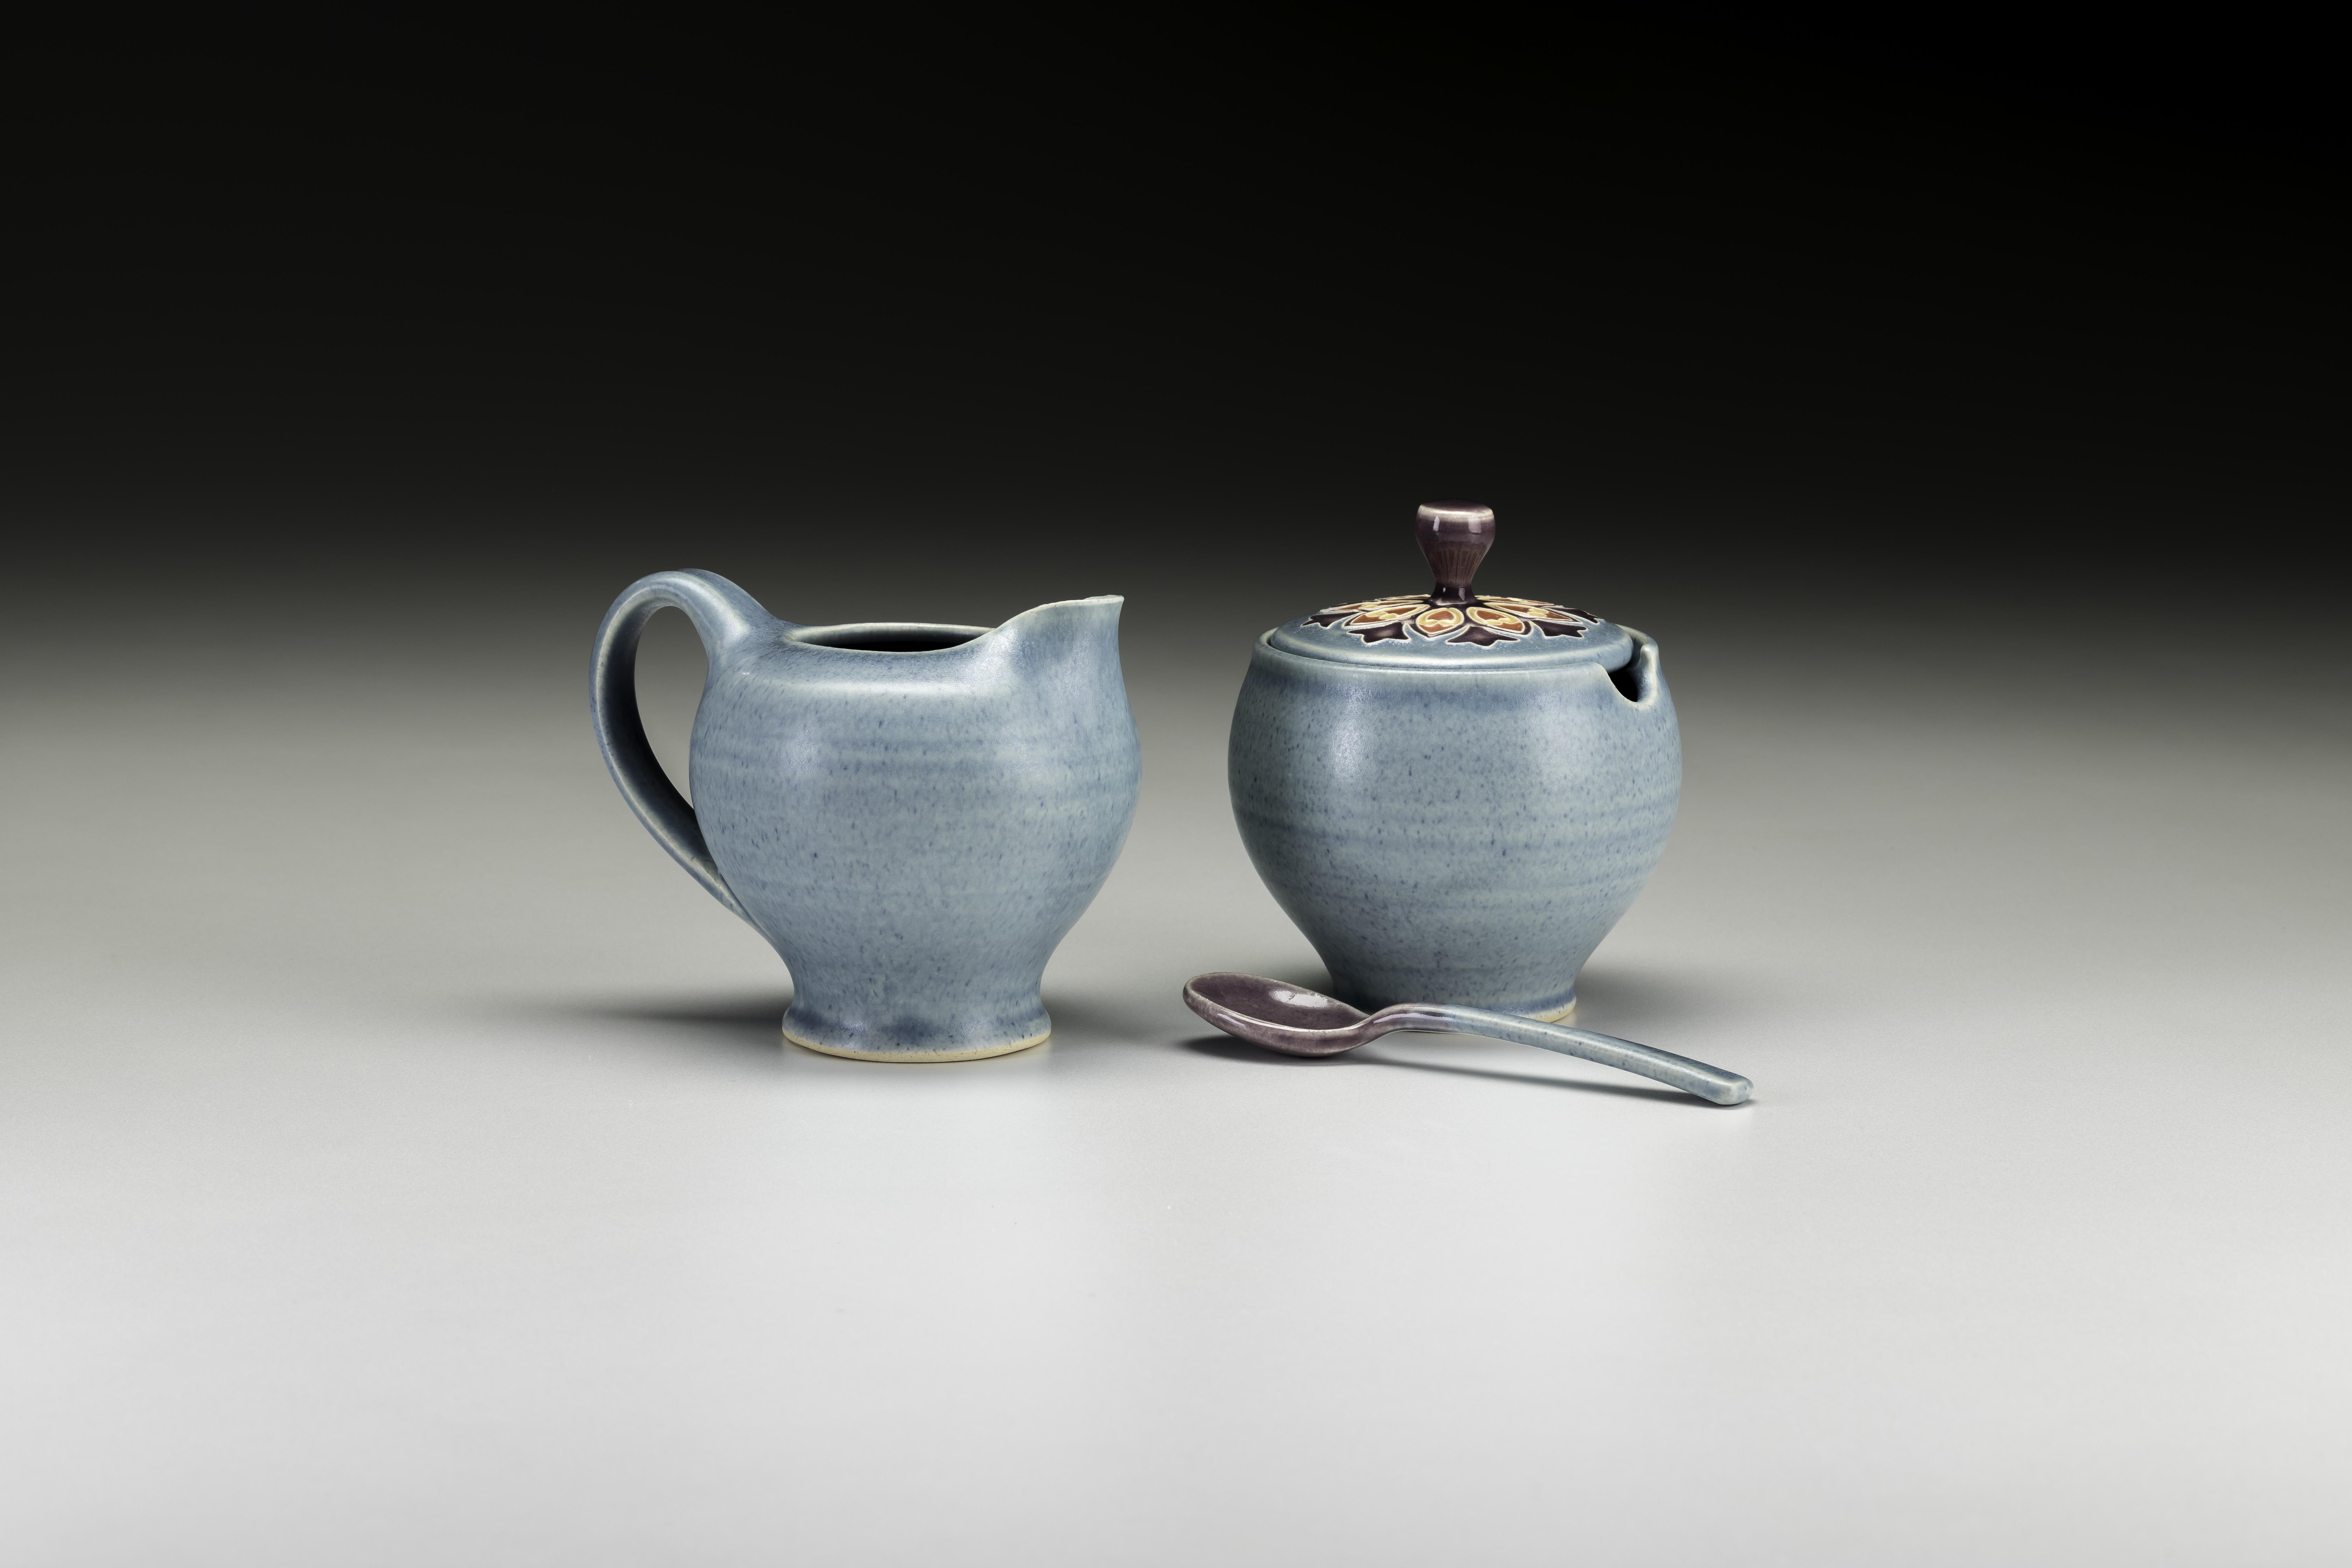 Functional Ceramics Exhibit & Workshop